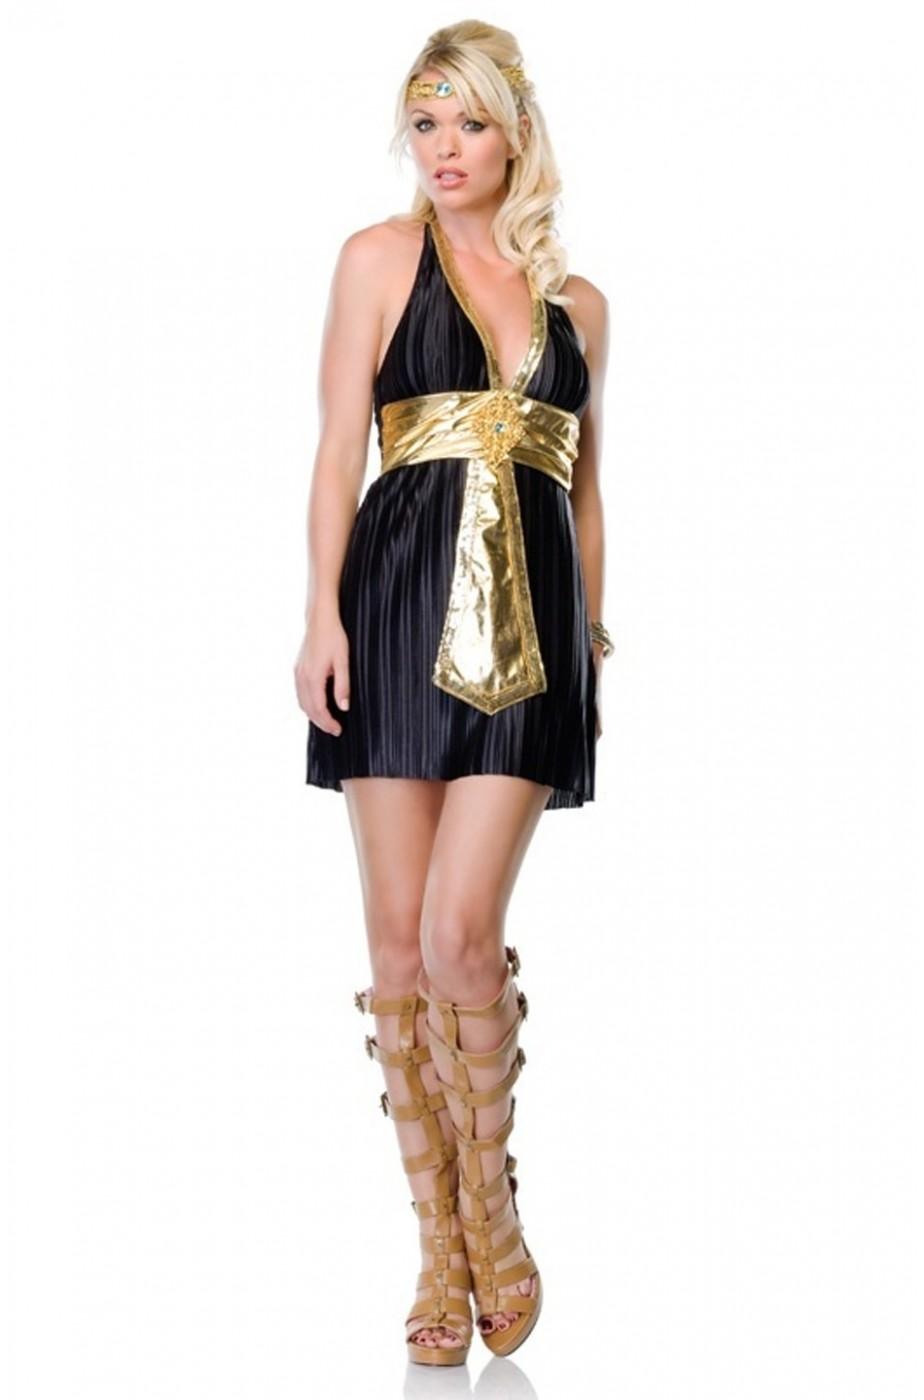 Vestito di carnevale o Halloween corto nero da donna egiziana o romana 58bd33e1d55